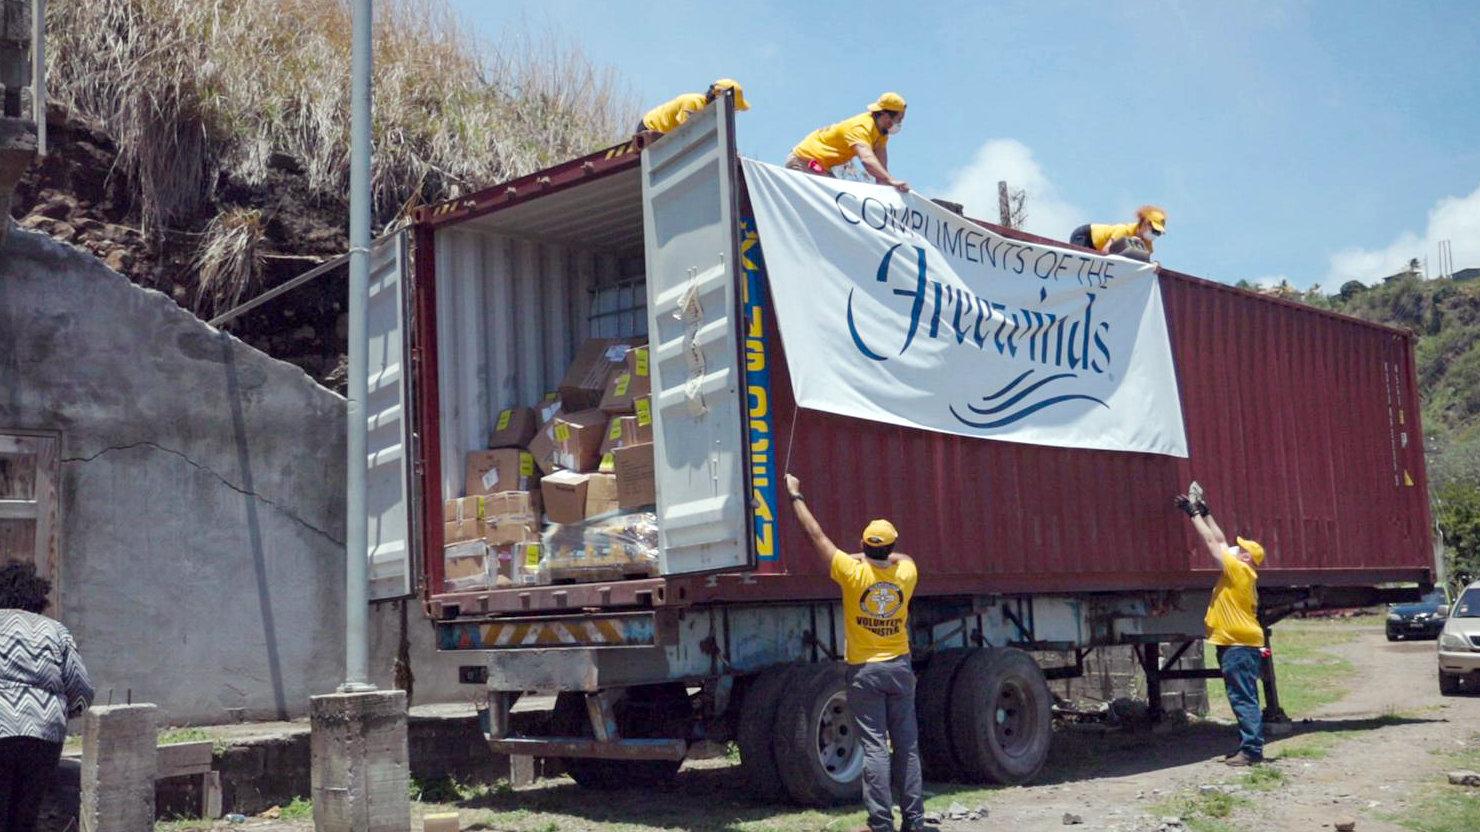 Un equipo de VMs descarga un contenedor de suministros vitales, que el Freewinds envió a la isla con el apoyo de la IAS.